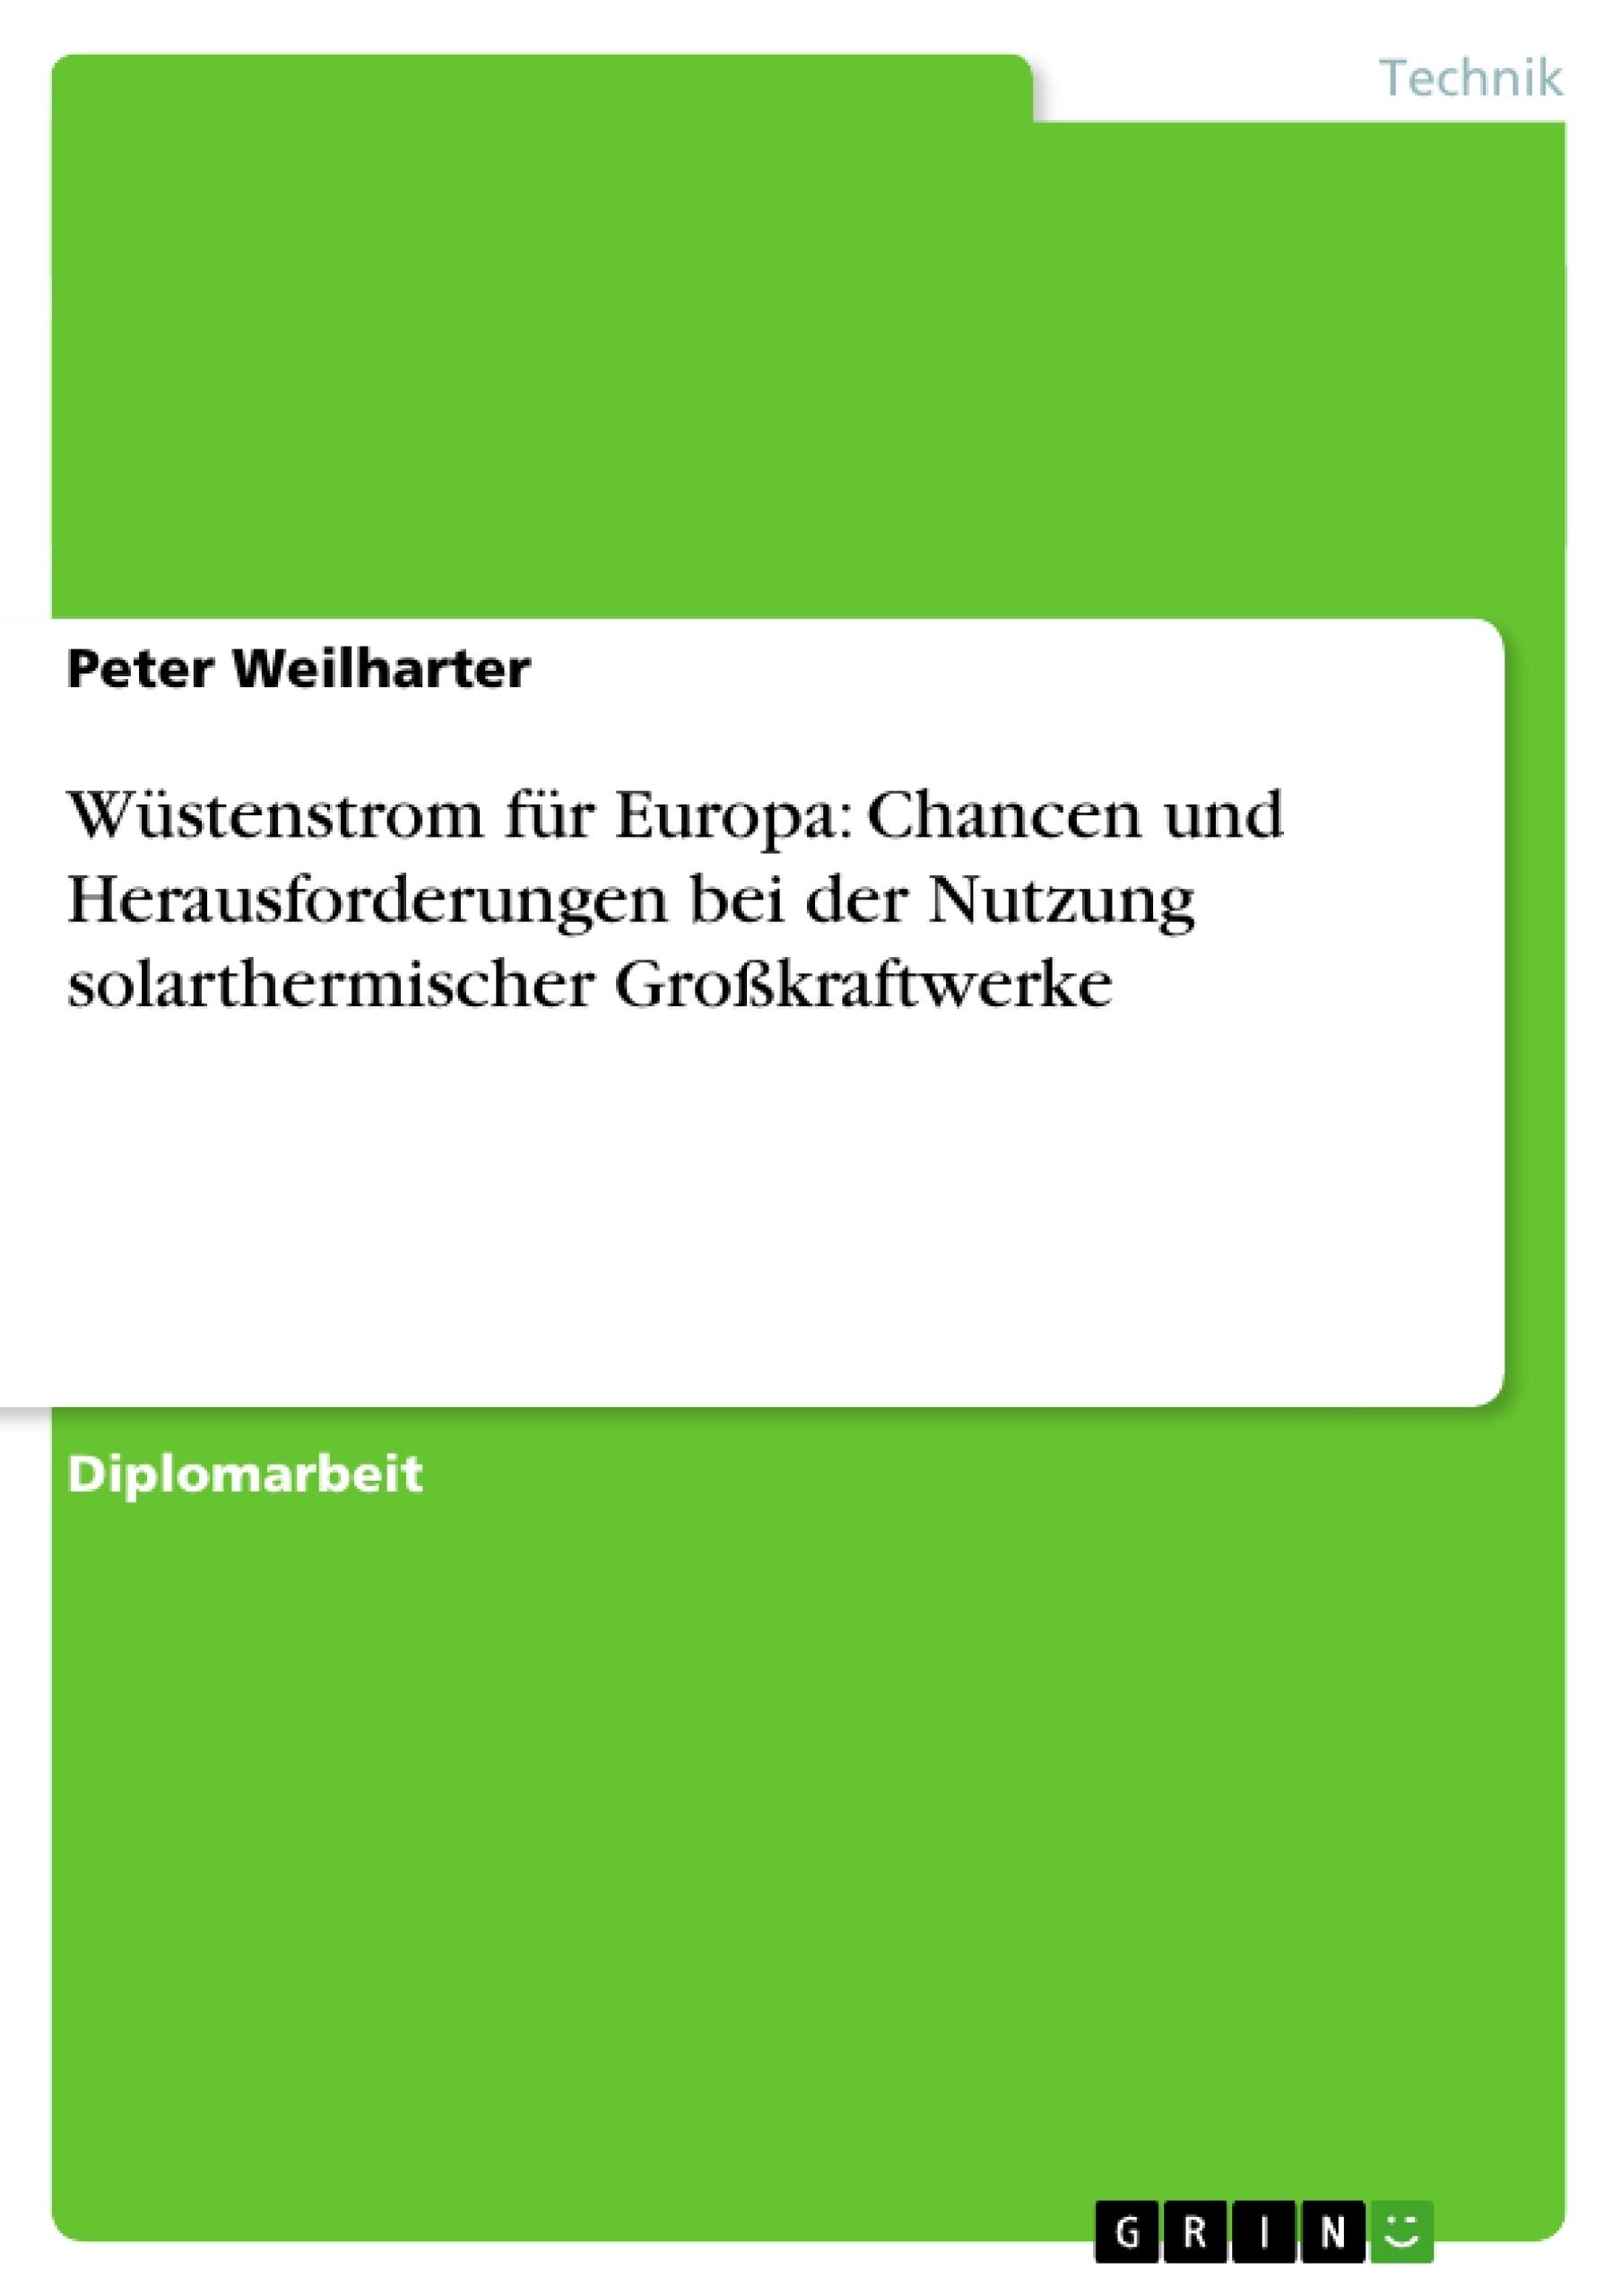 Titel: Wüstenstrom für Europa: Chancen und Herausforderungen bei der Nutzung solarthermischer Großkraftwerke